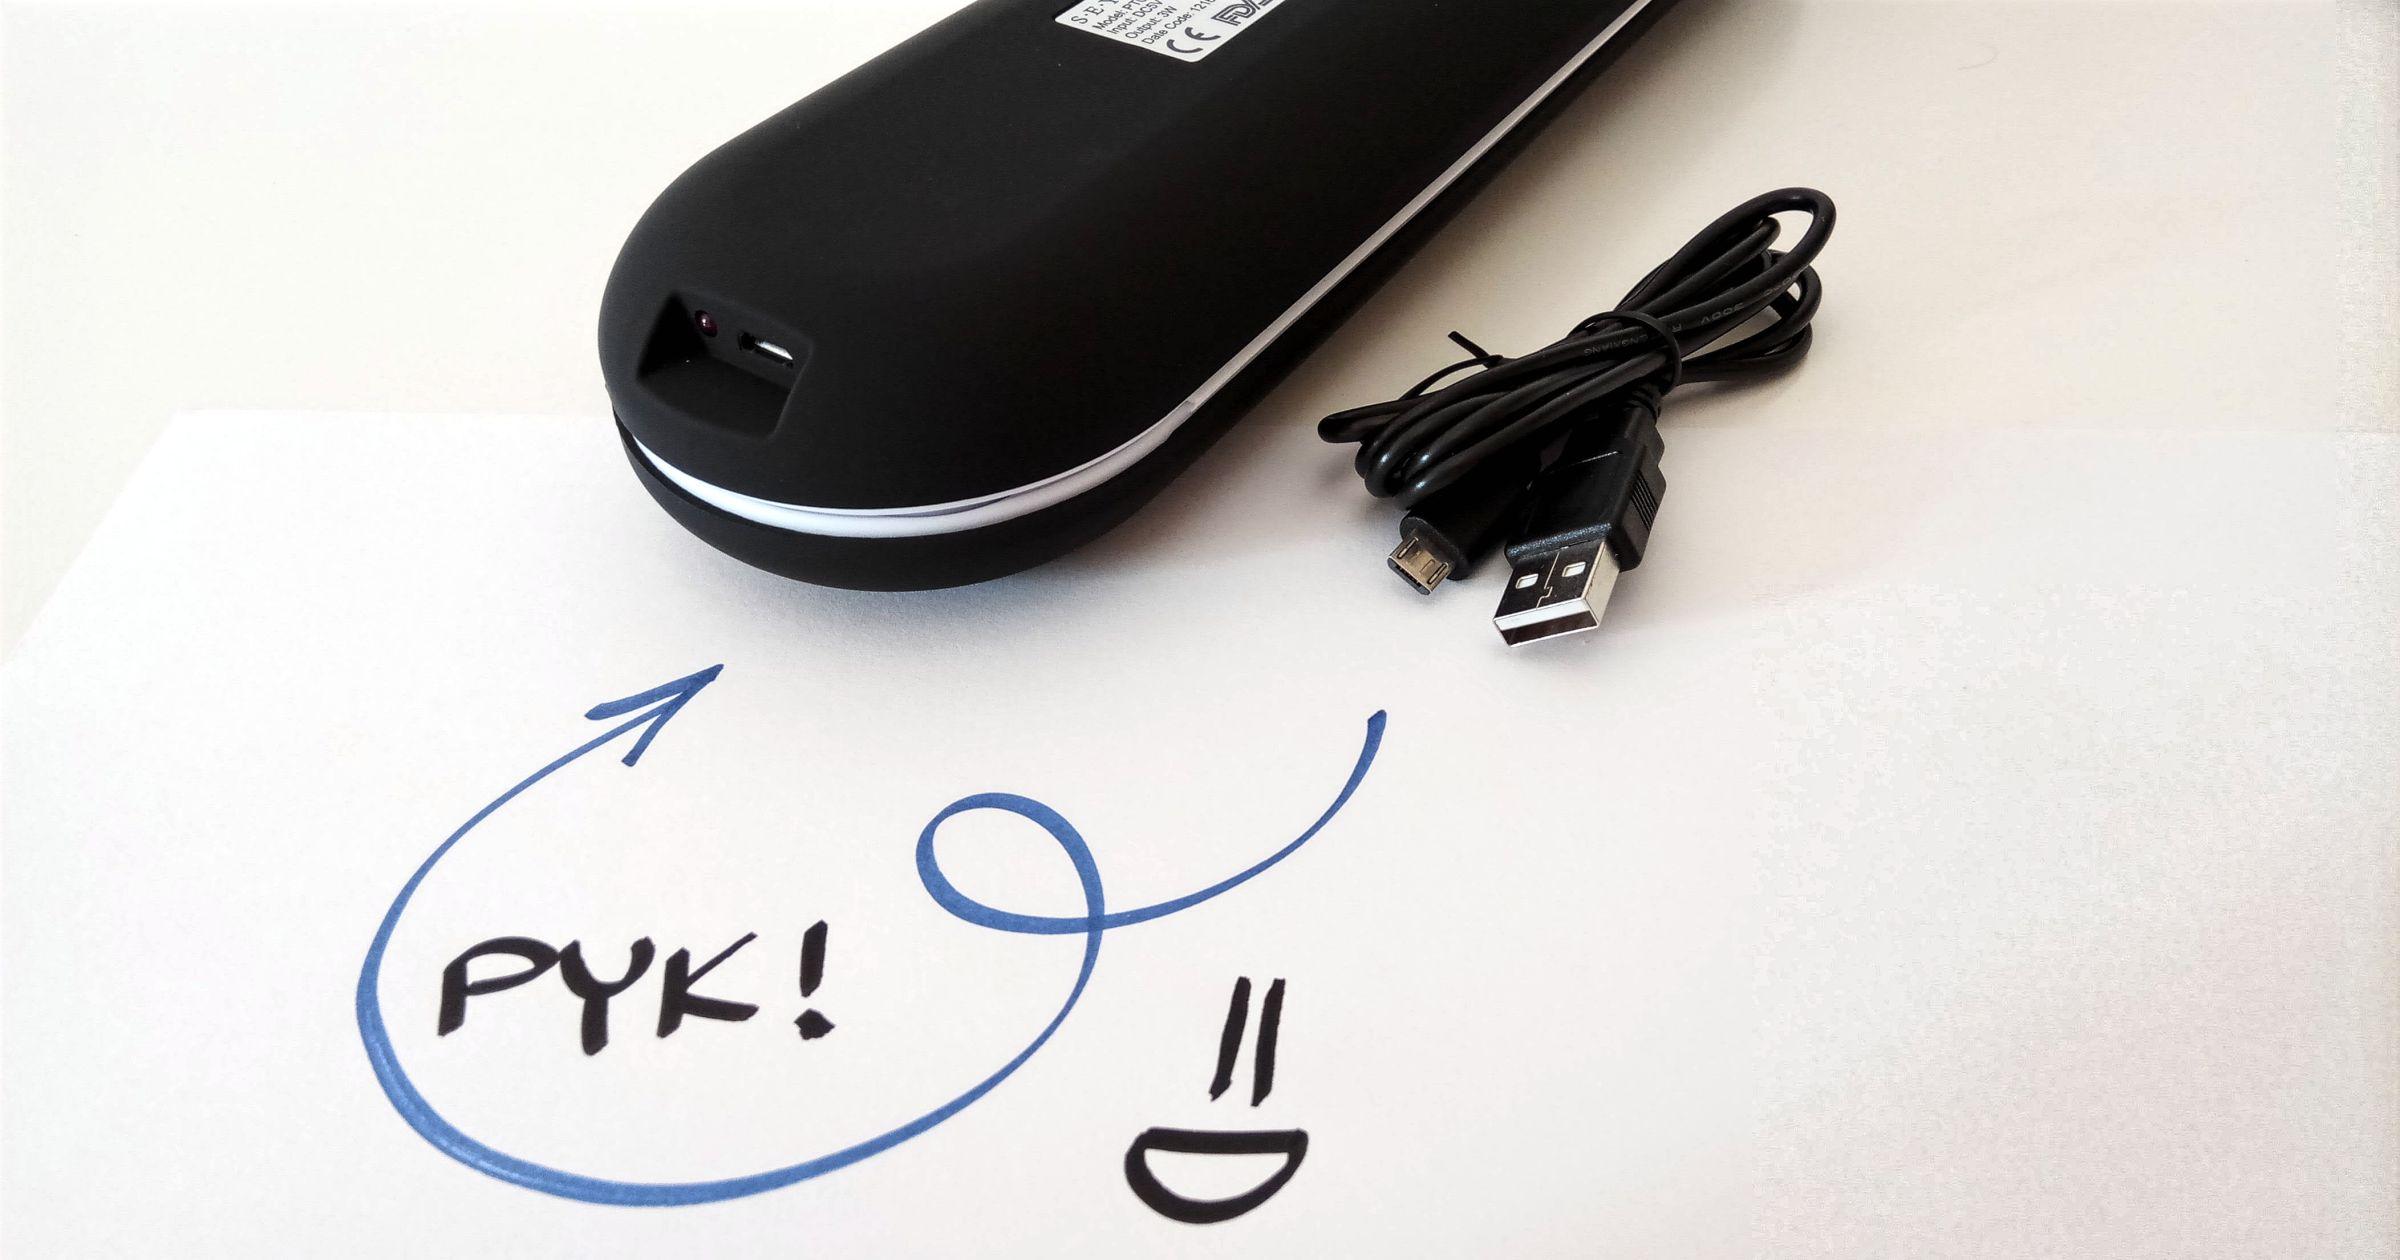 Etui podróżne ładowane przez USB.